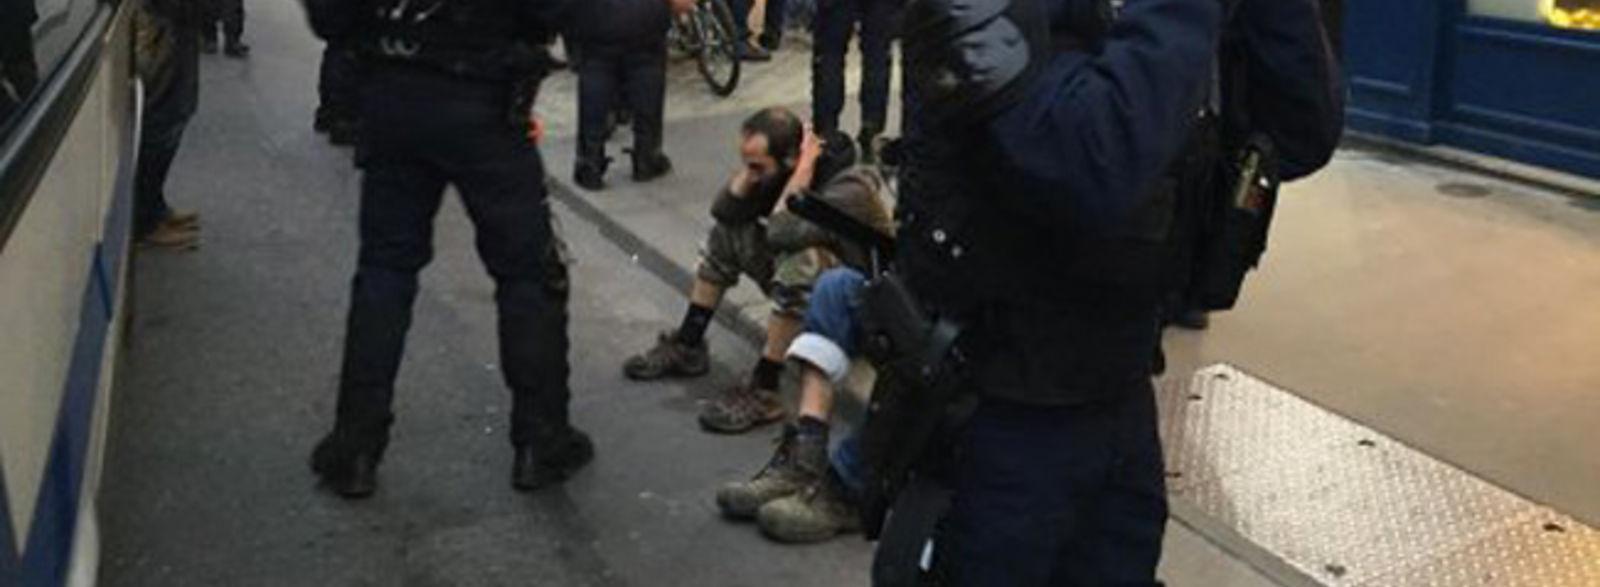 Scène de chasse aux sorcières dans Paris en marge de la COP21